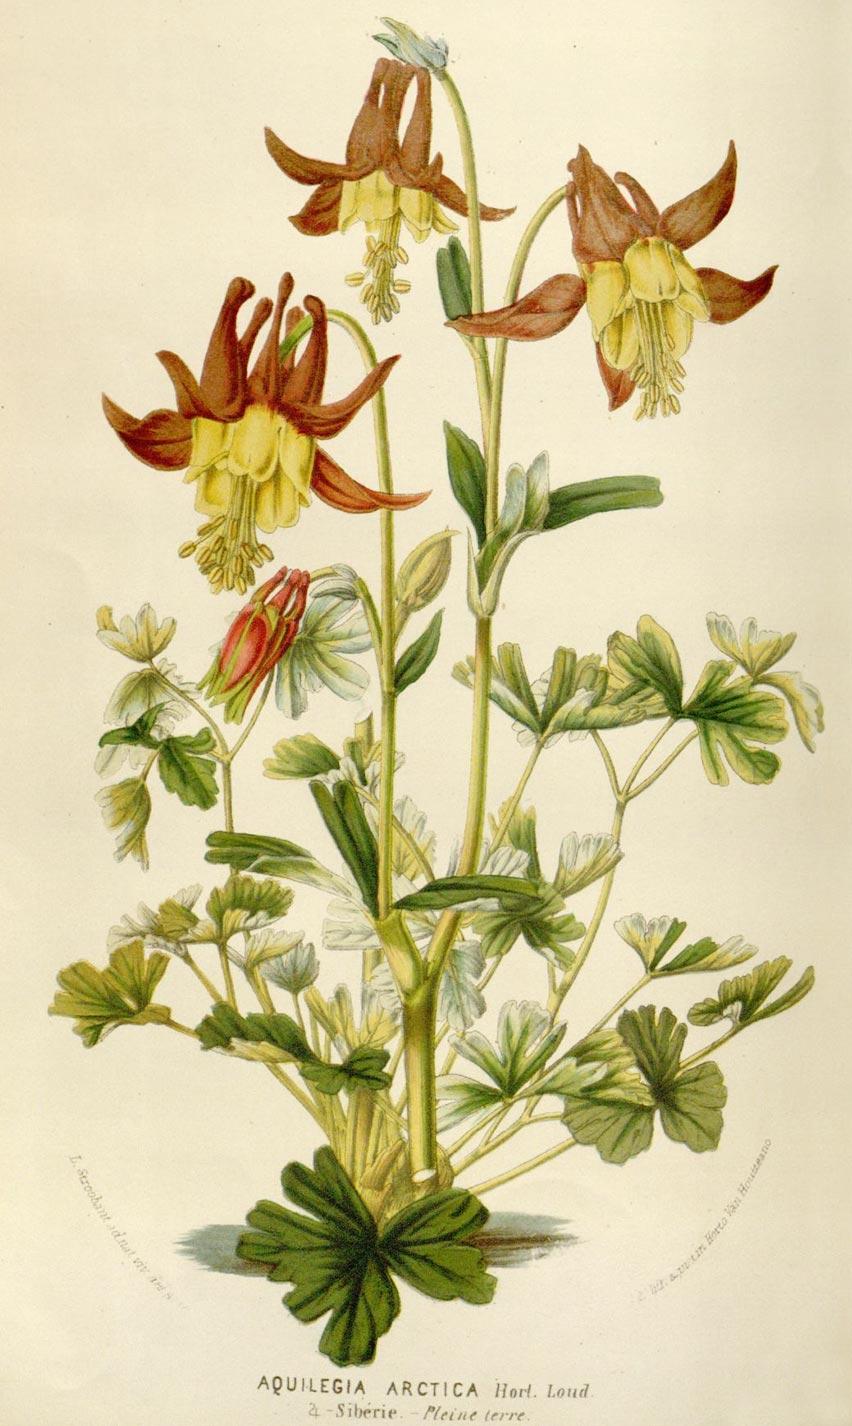 Planche botanique Aquilegia arctica